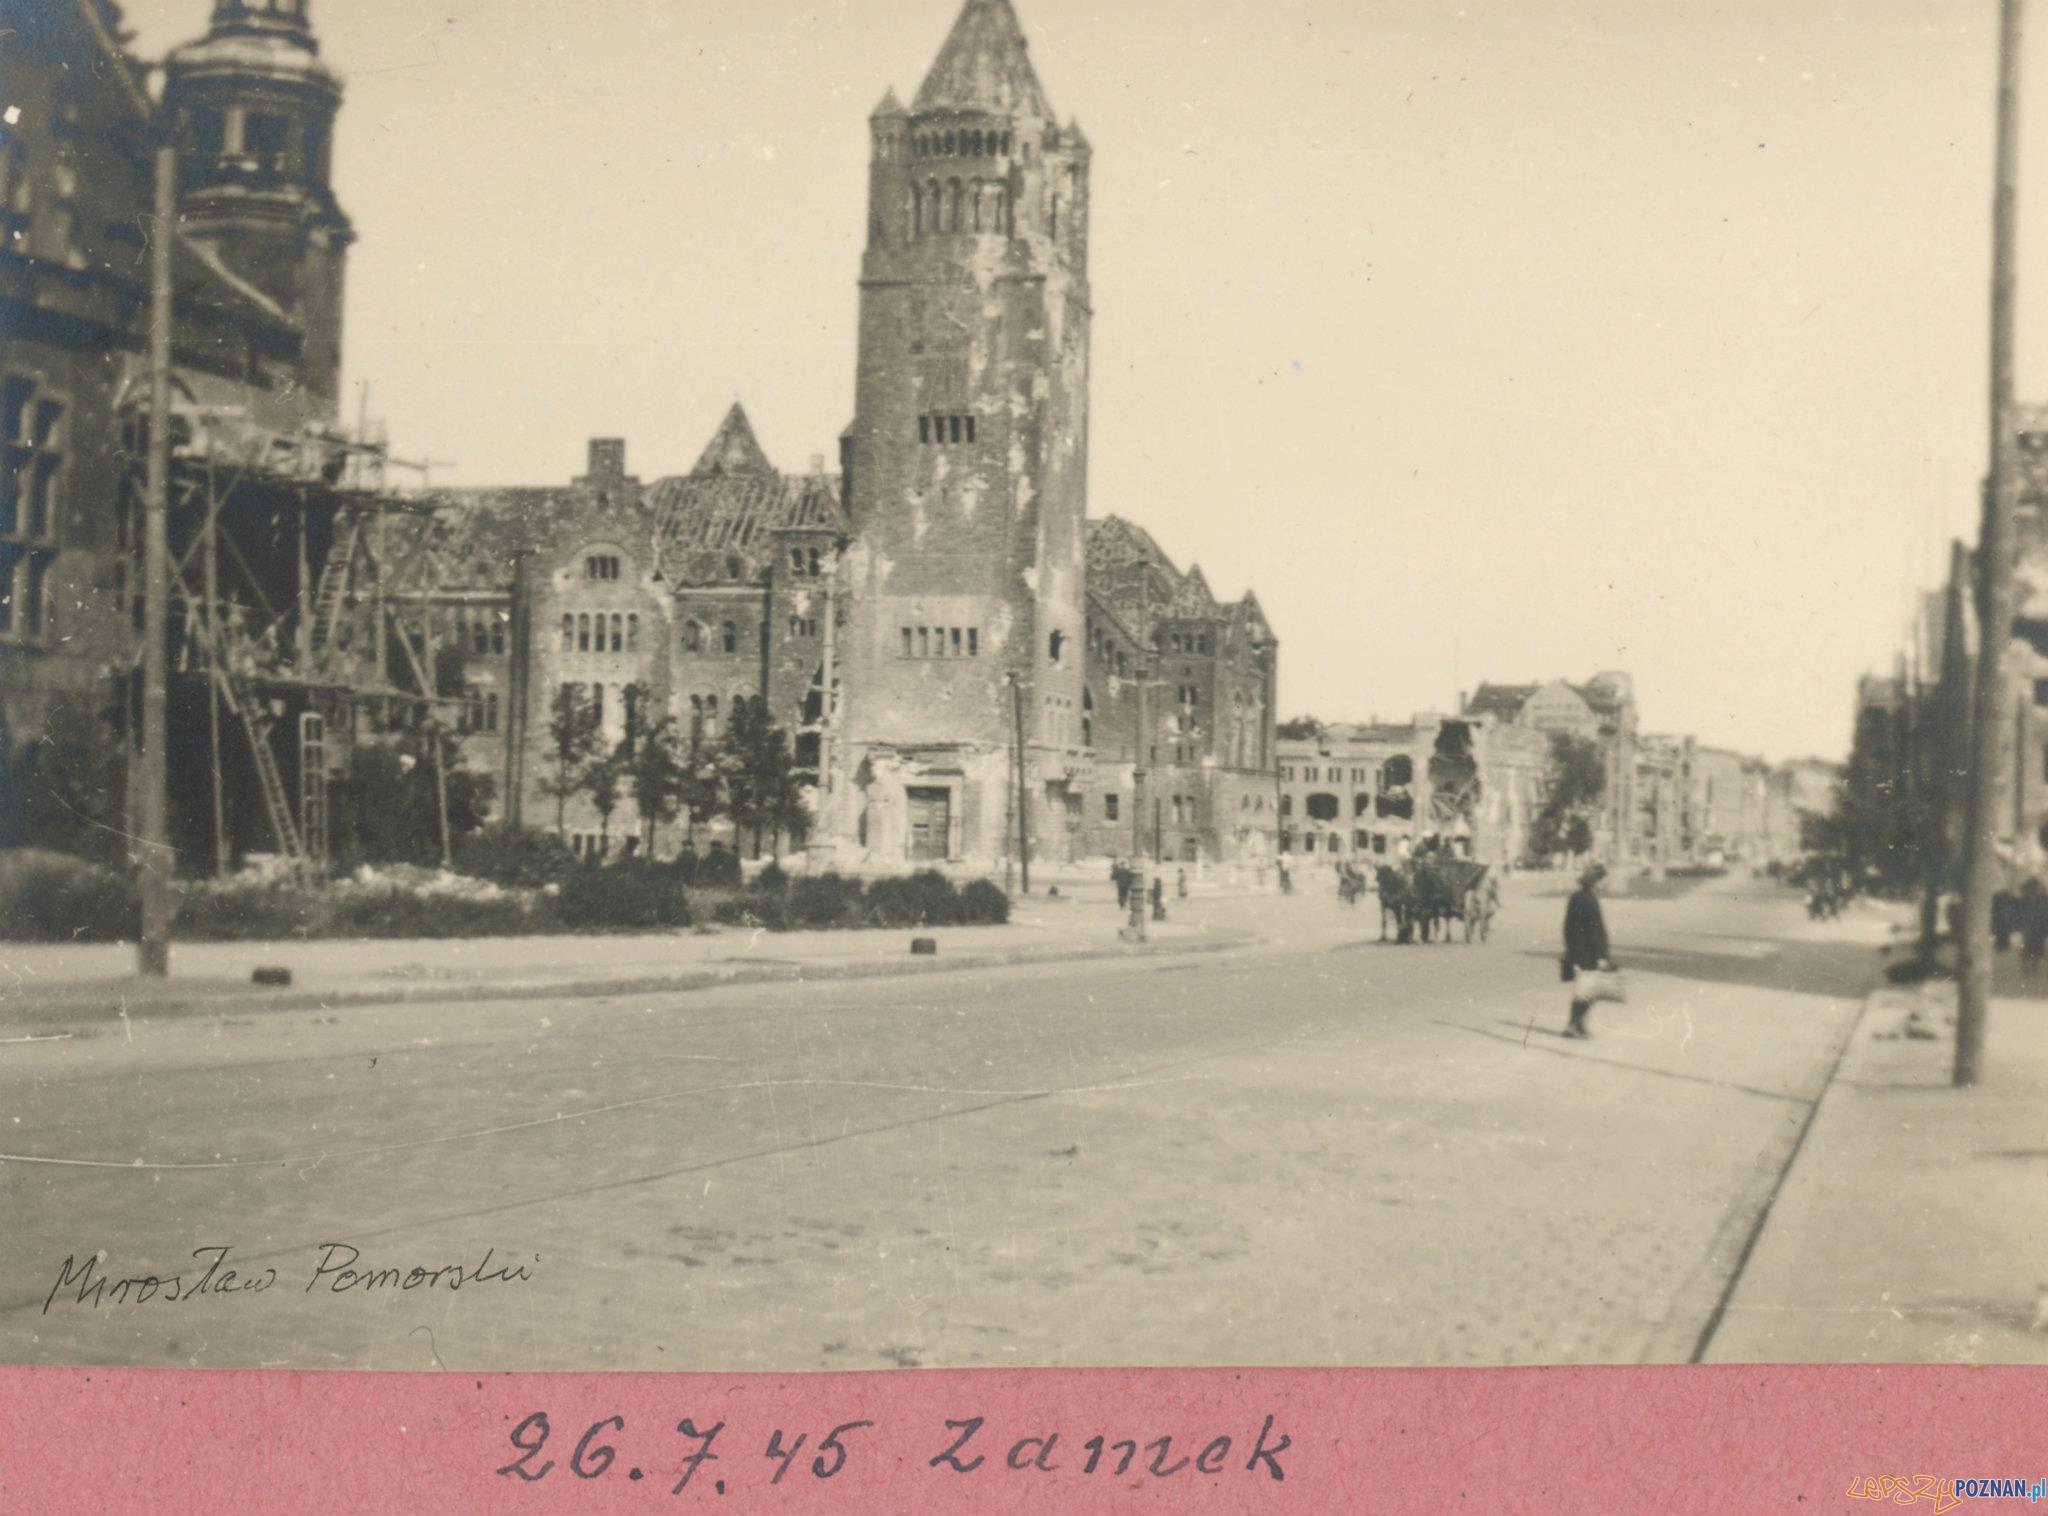 Zamek 26.07.1946  Foto: Mirosław Pomorski / MKZ